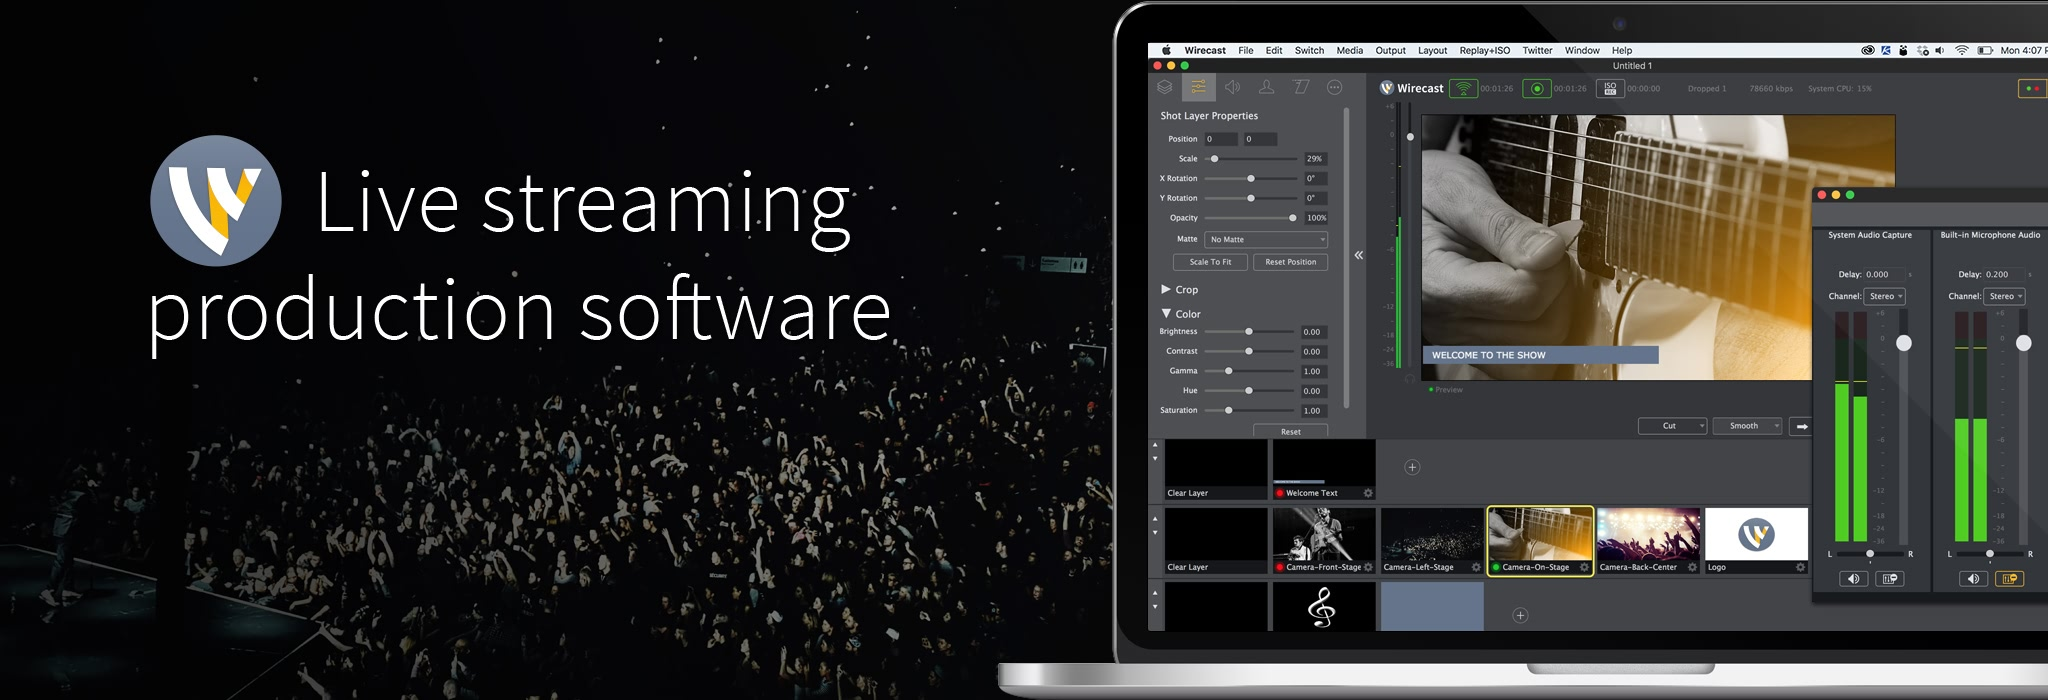 Wirecast Pro 10.0.0 专业摄像直播视频工具